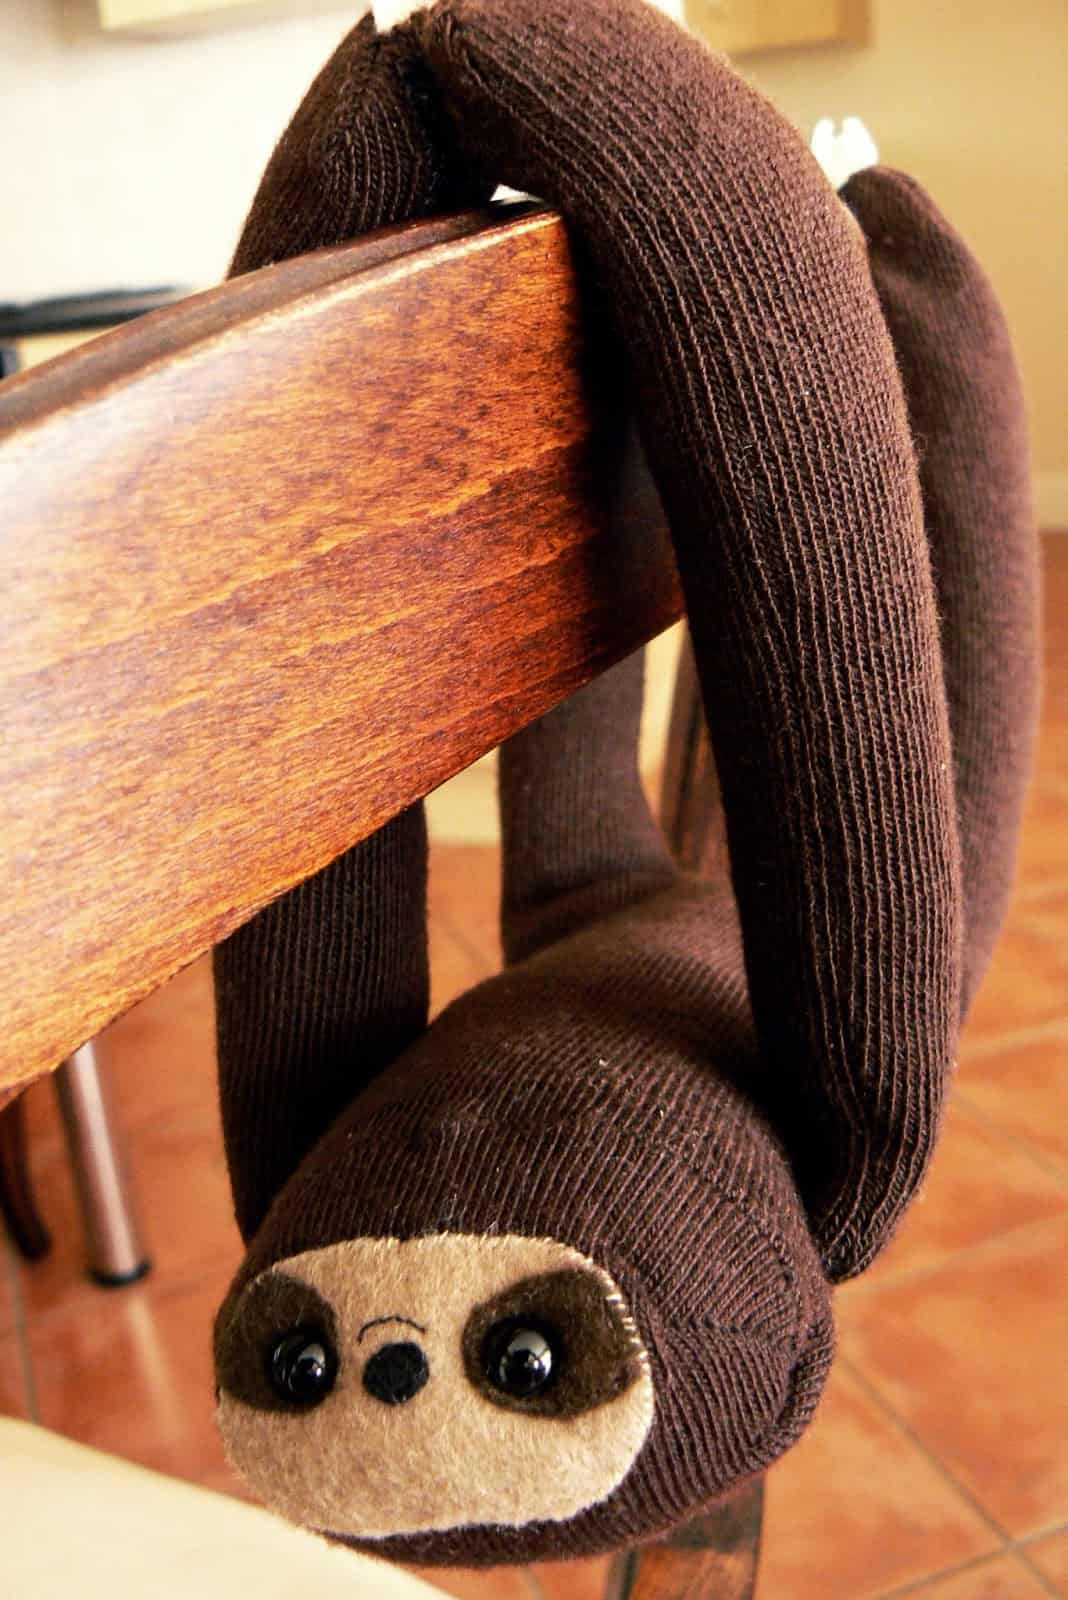 brow knit sloth stuffed animal